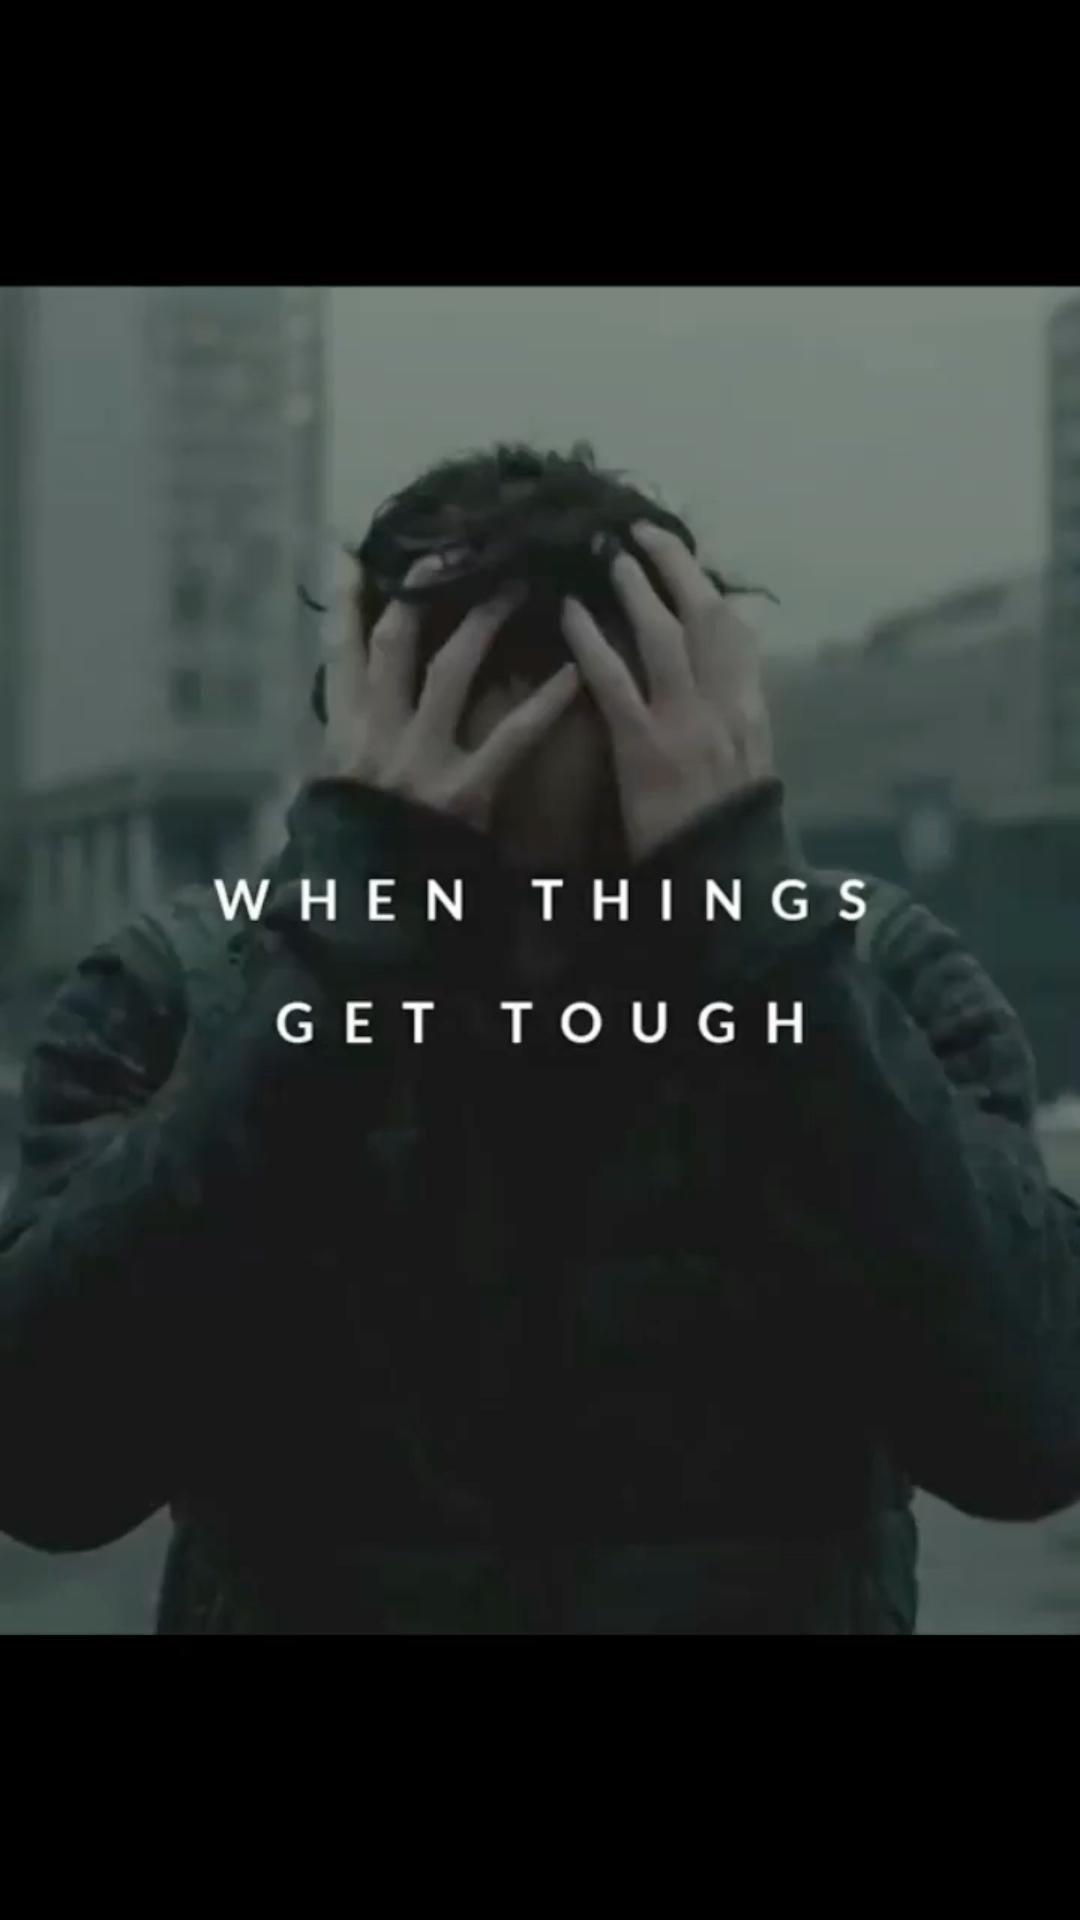 Things get tough